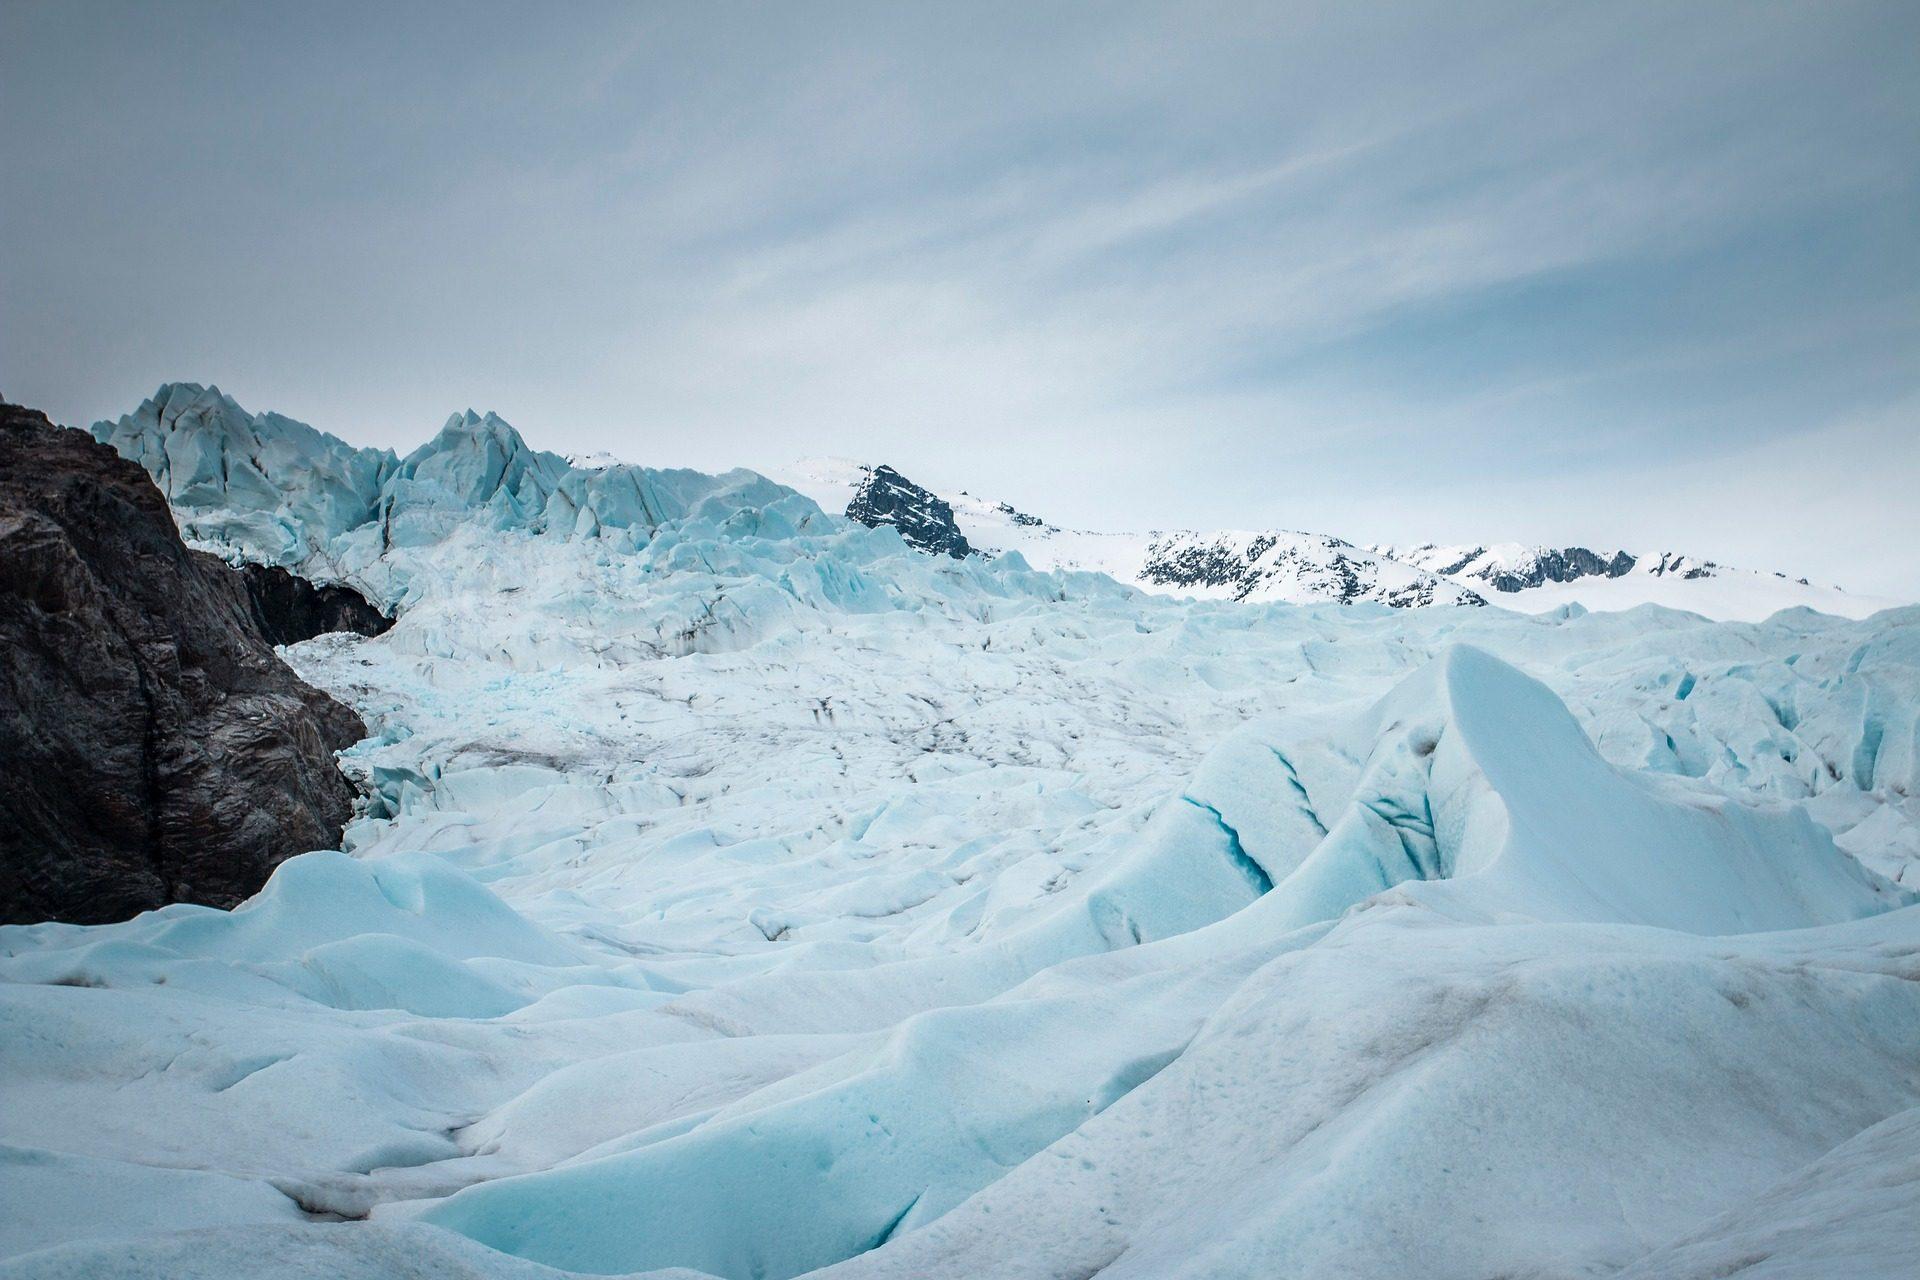 Montanha, neve, Nevada, Rocas, nuvens - Papéis de parede HD - Professor-falken.com